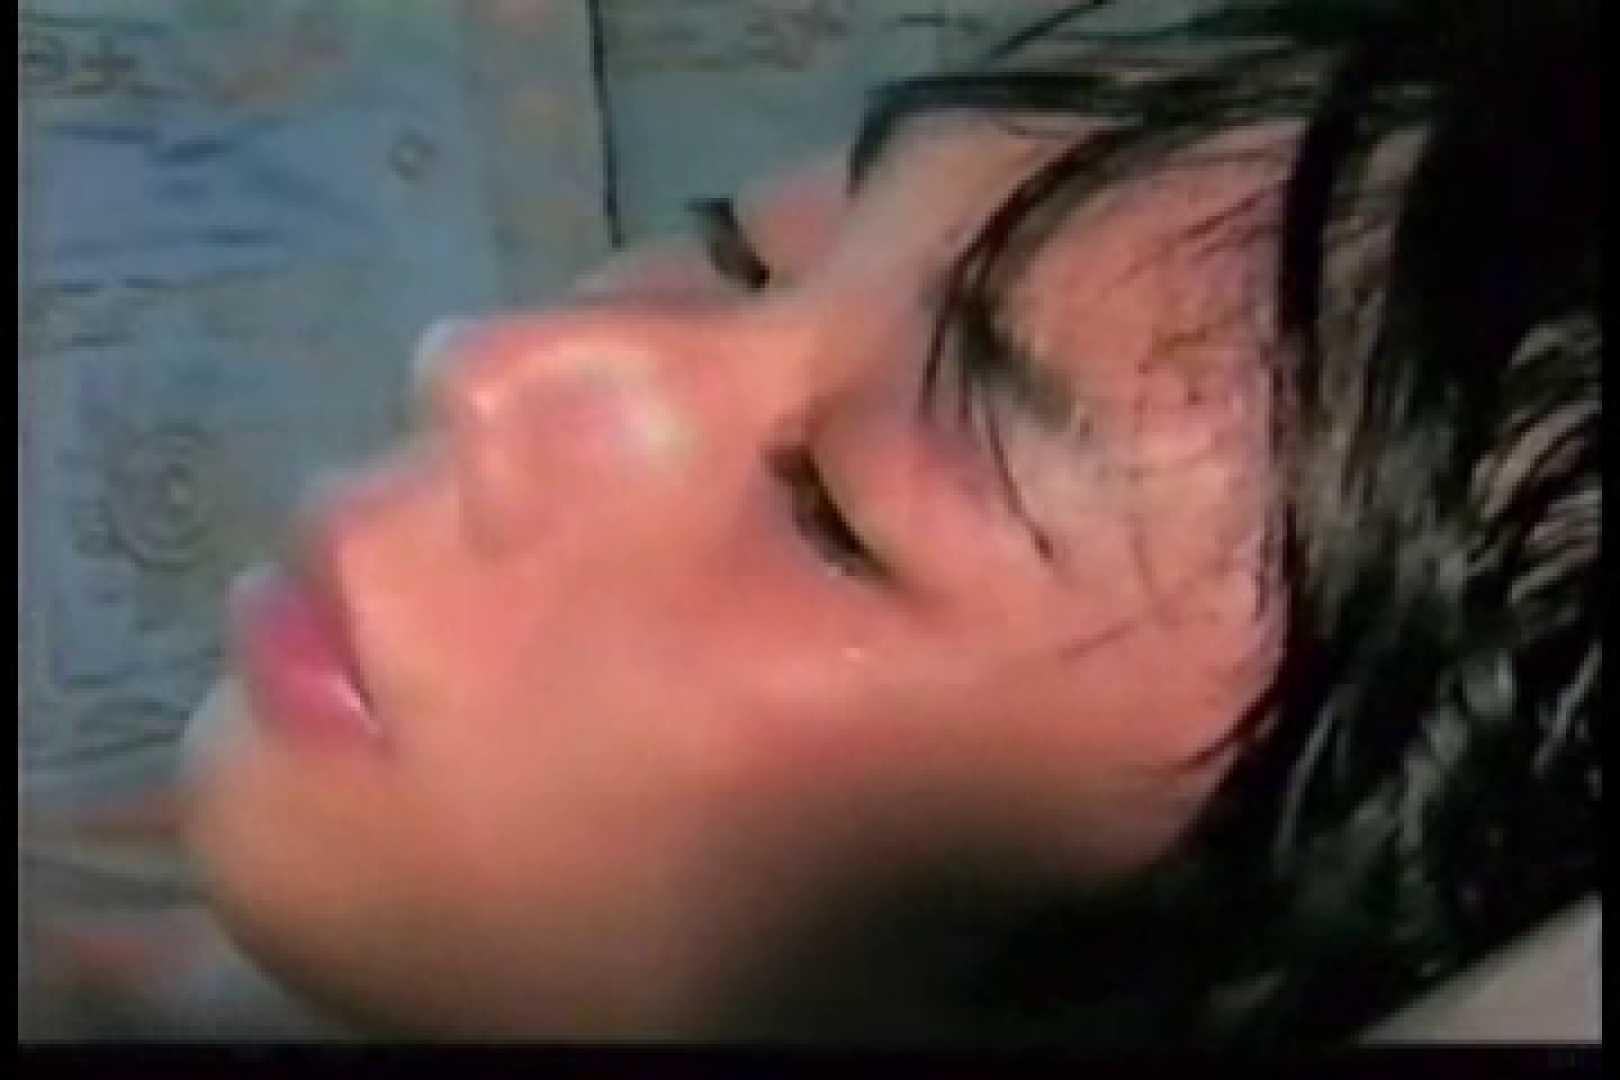 【個人製作】若き男子たちのジャム遊び アナル挿入 ゲイエロ動画 62pic 46